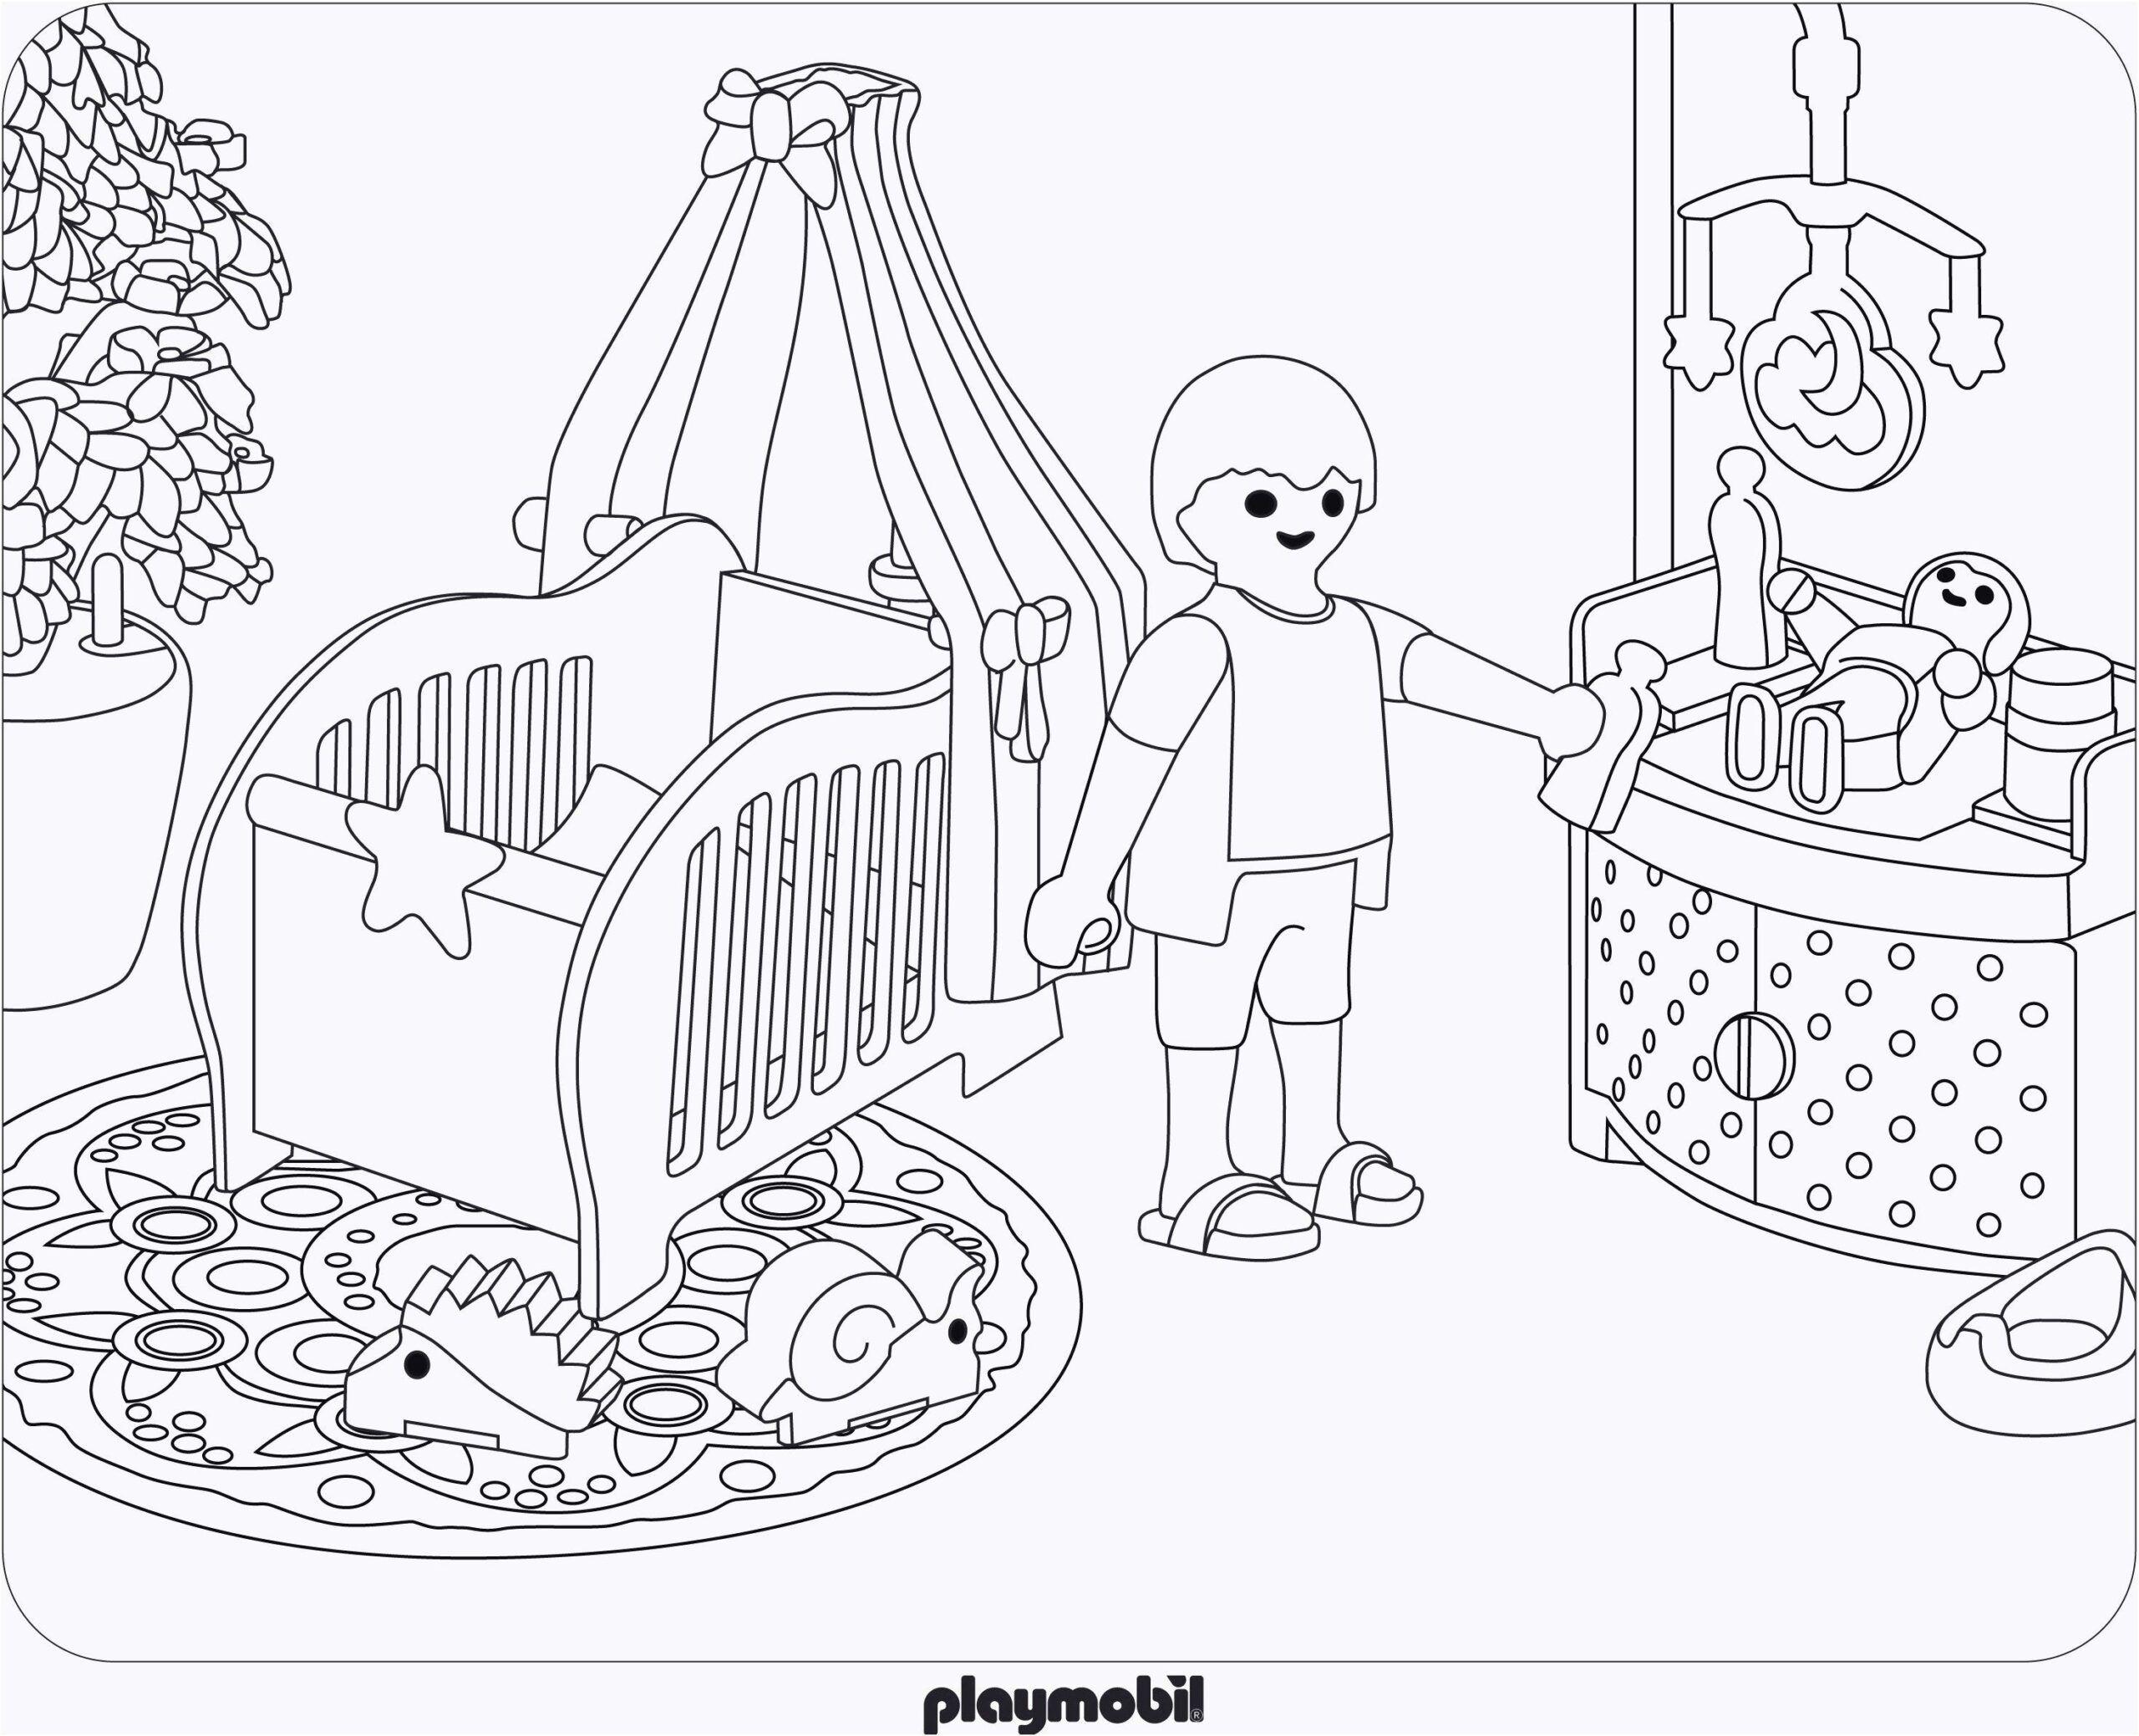 Ten Gut Playmobil Malvorlage Gedanke 27 in 27  Playmobil